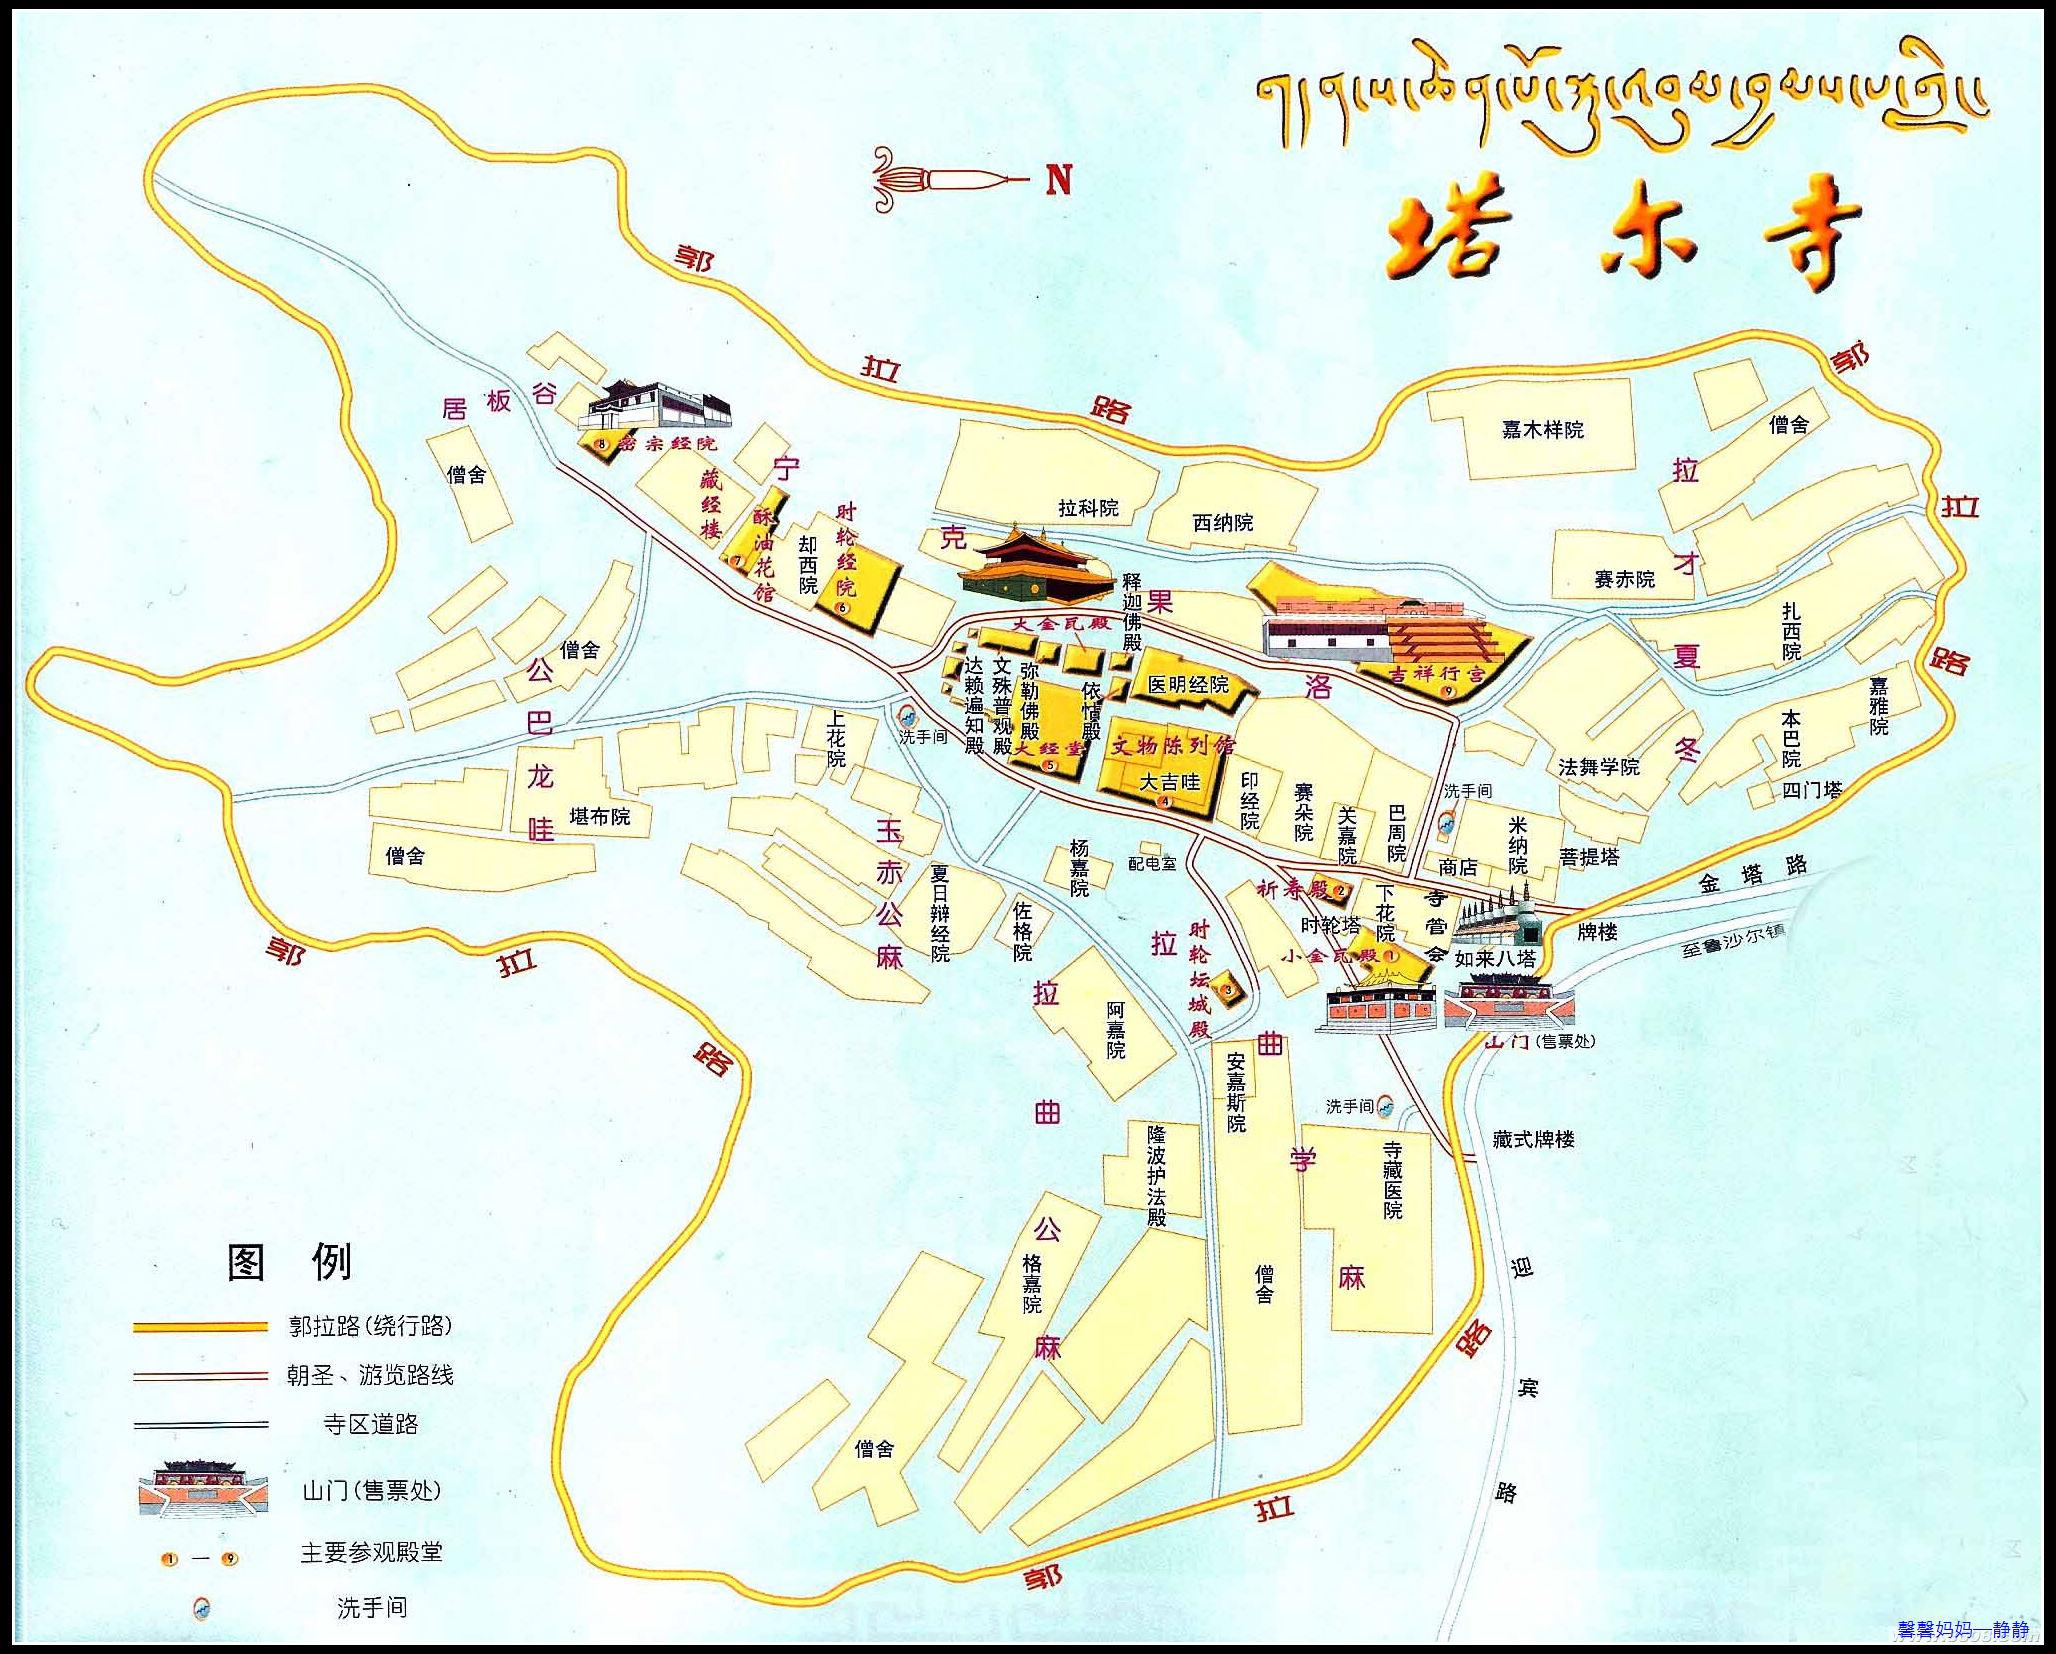 上海到拉萨的地图